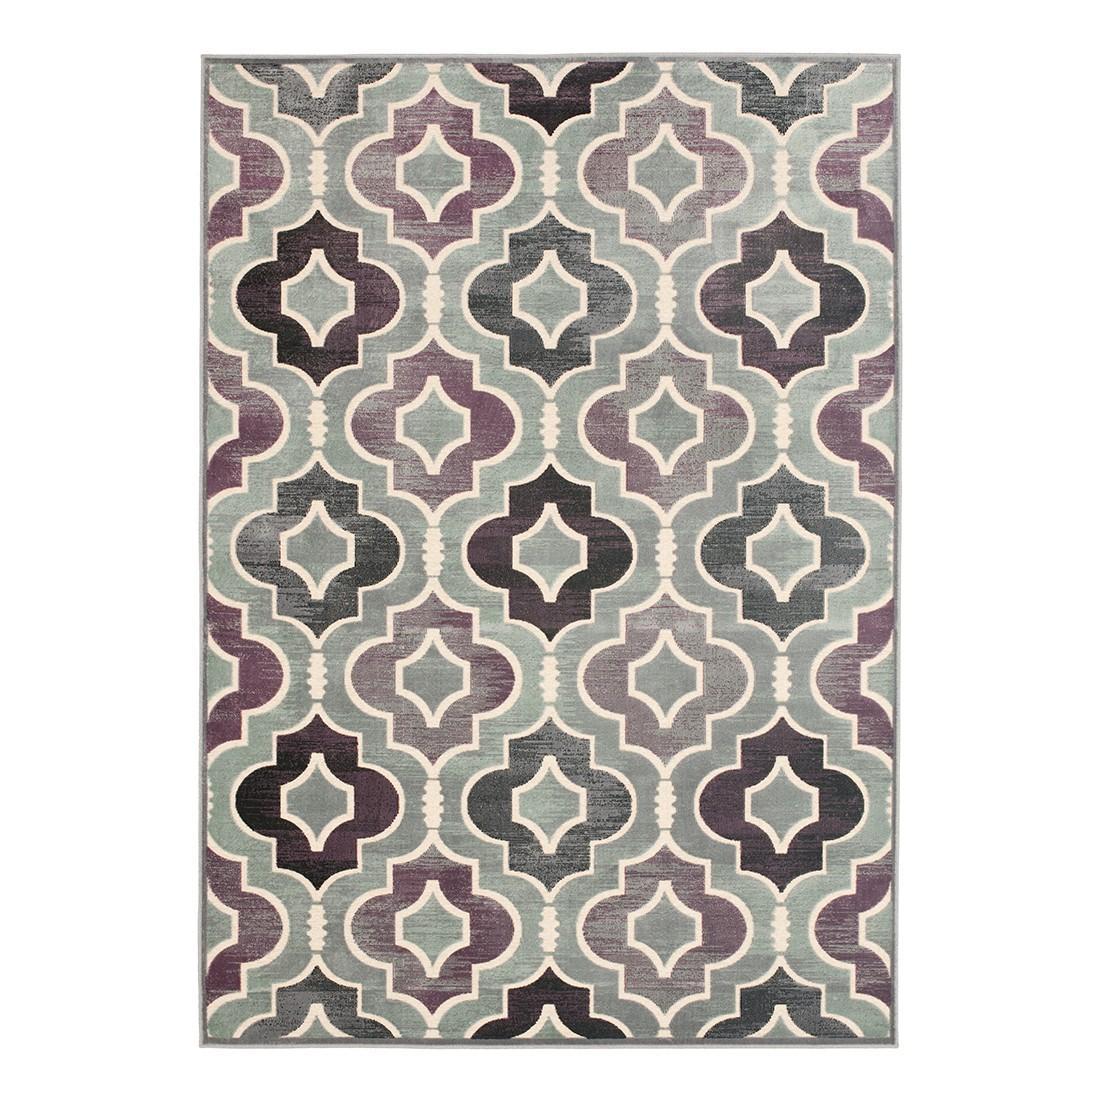 Teppich Riva – Grau/Mehrfarbig – Maße: 161 x 229 cm, Safavieh günstig bestellen